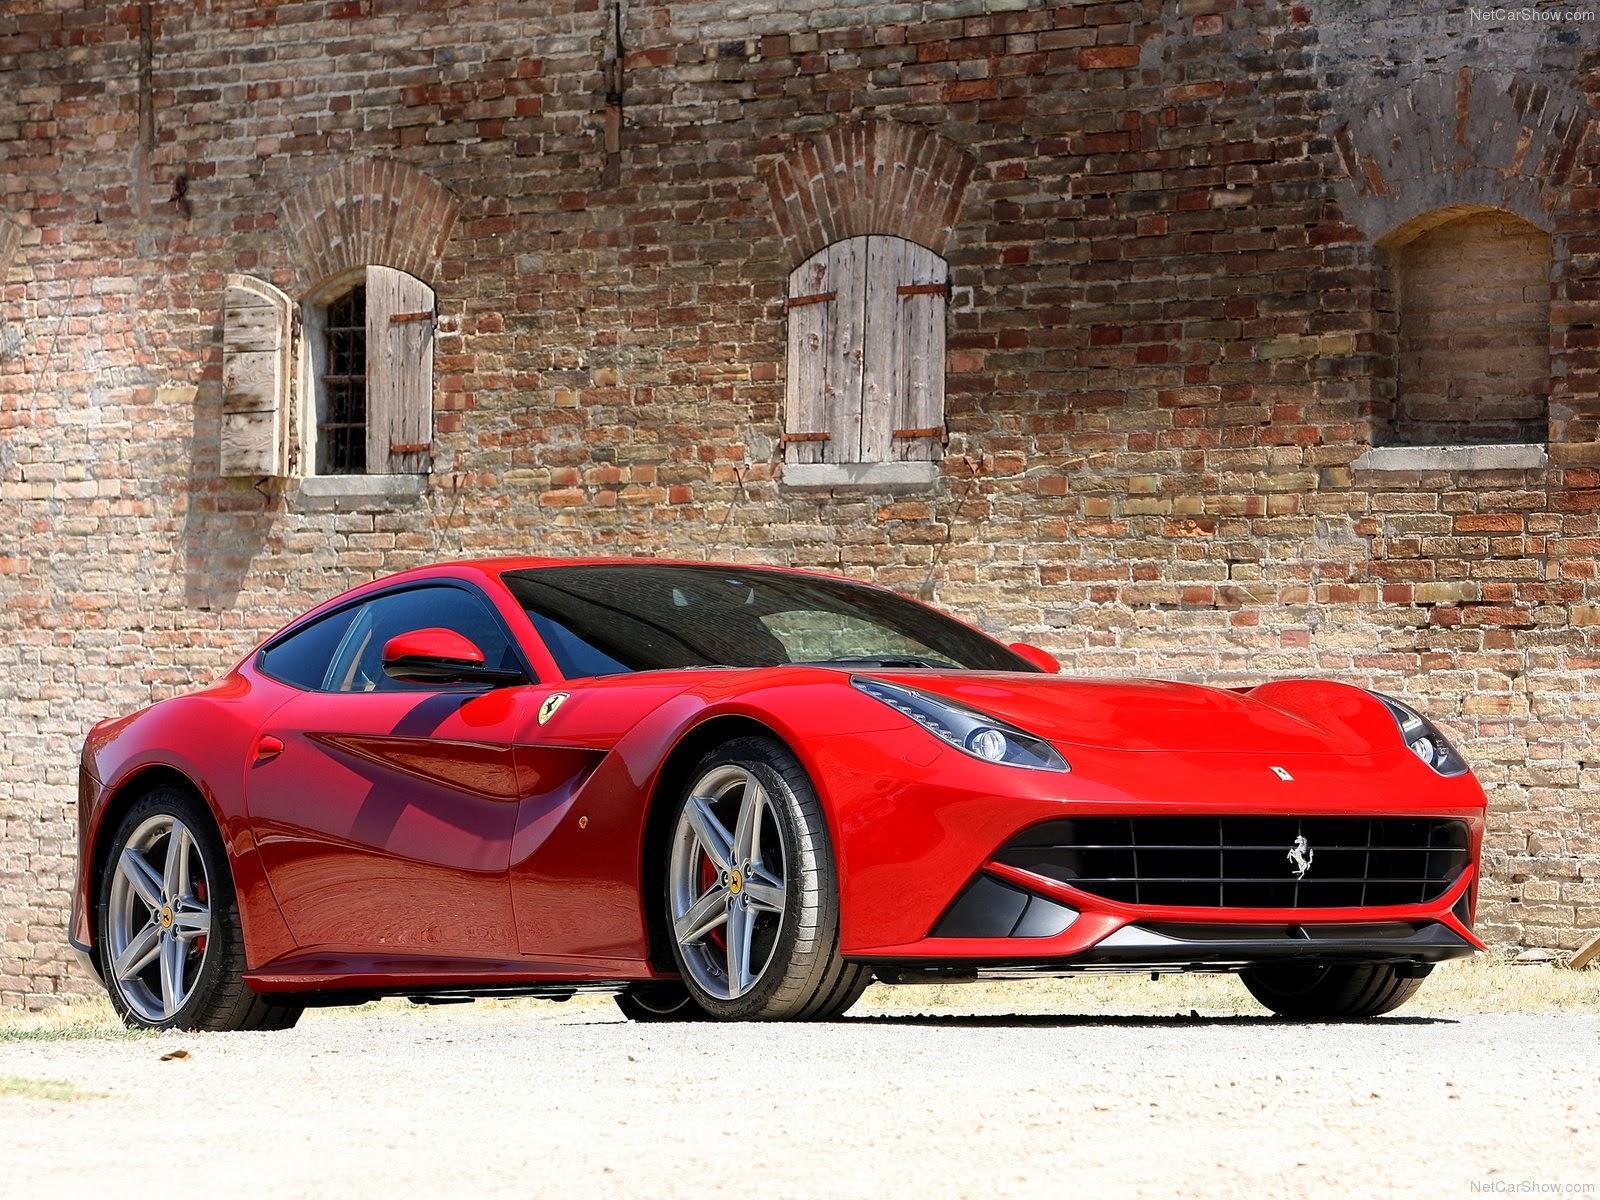 All Hot Informations: Download Ferrari F12 berlinetta HD ...